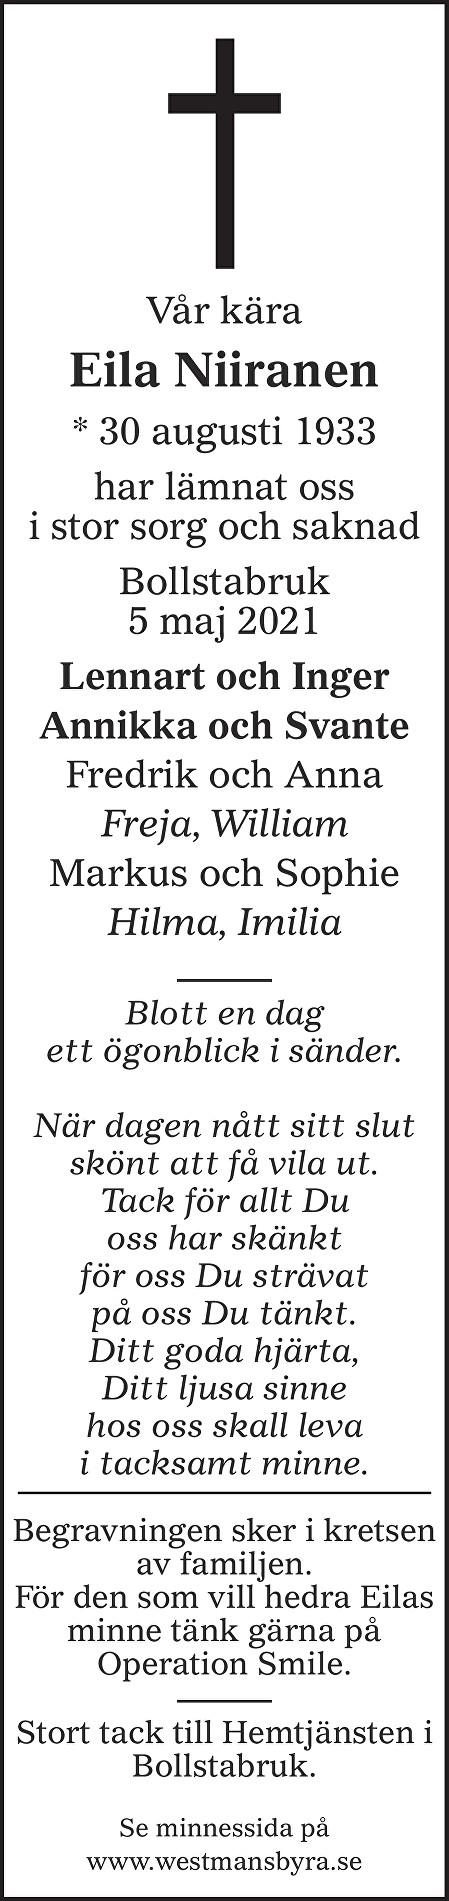 Eila Niiranen Death notice